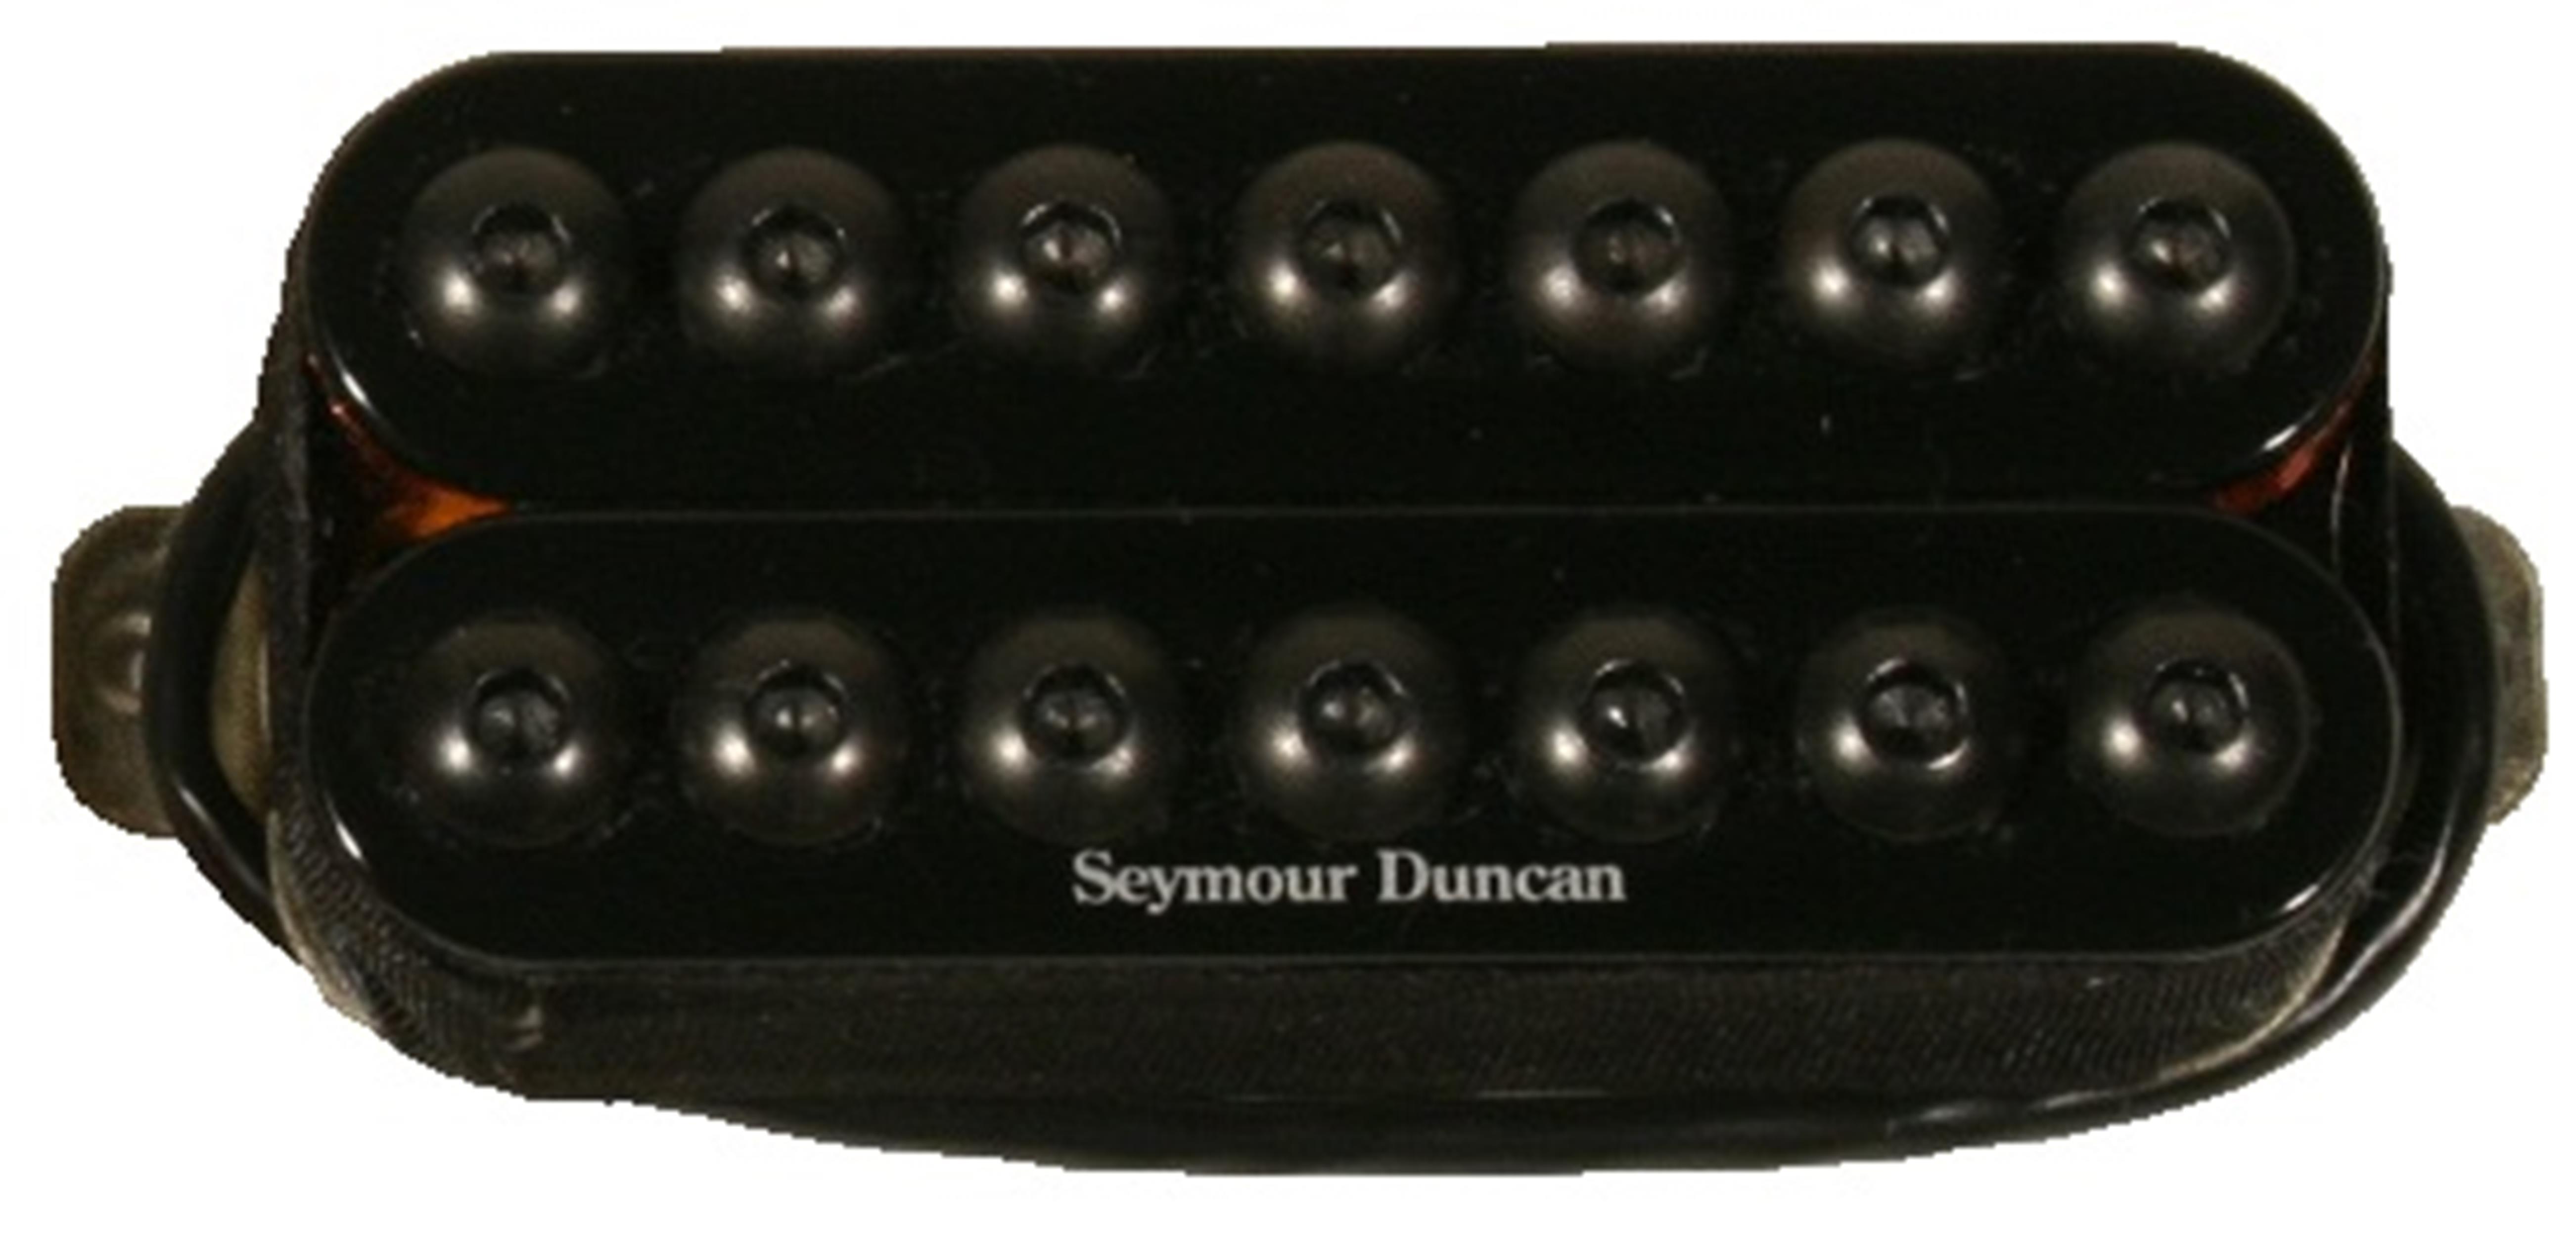 SEYMOUR-DUNCAN-SH-8-N-7-STRING-INVADER-NECK-BLACK-11107-29-7STR-sku-9590